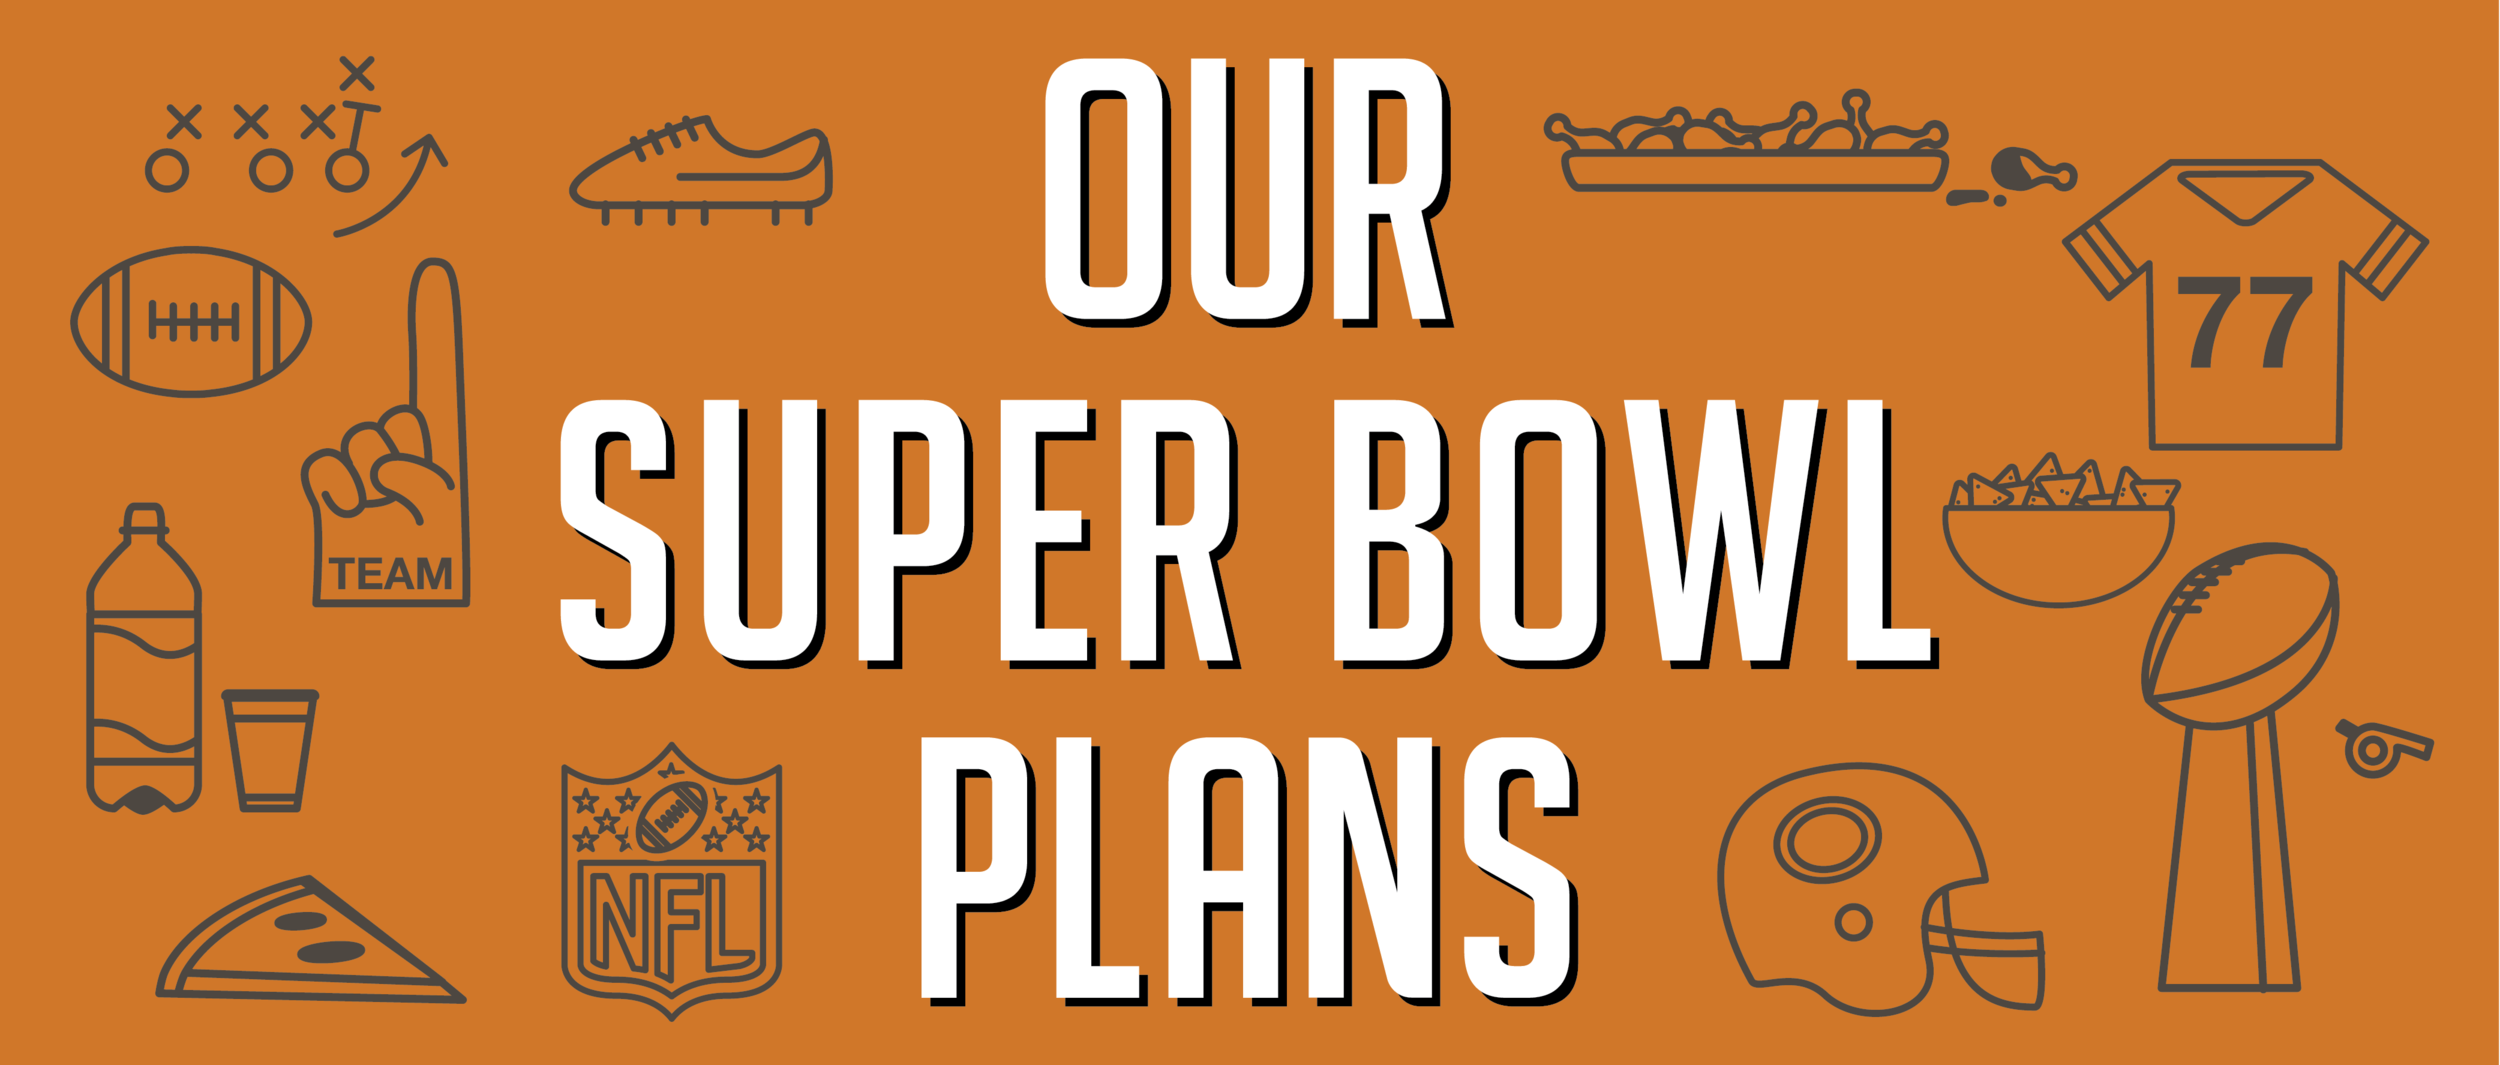 Our Super Bowl Plans-01.png